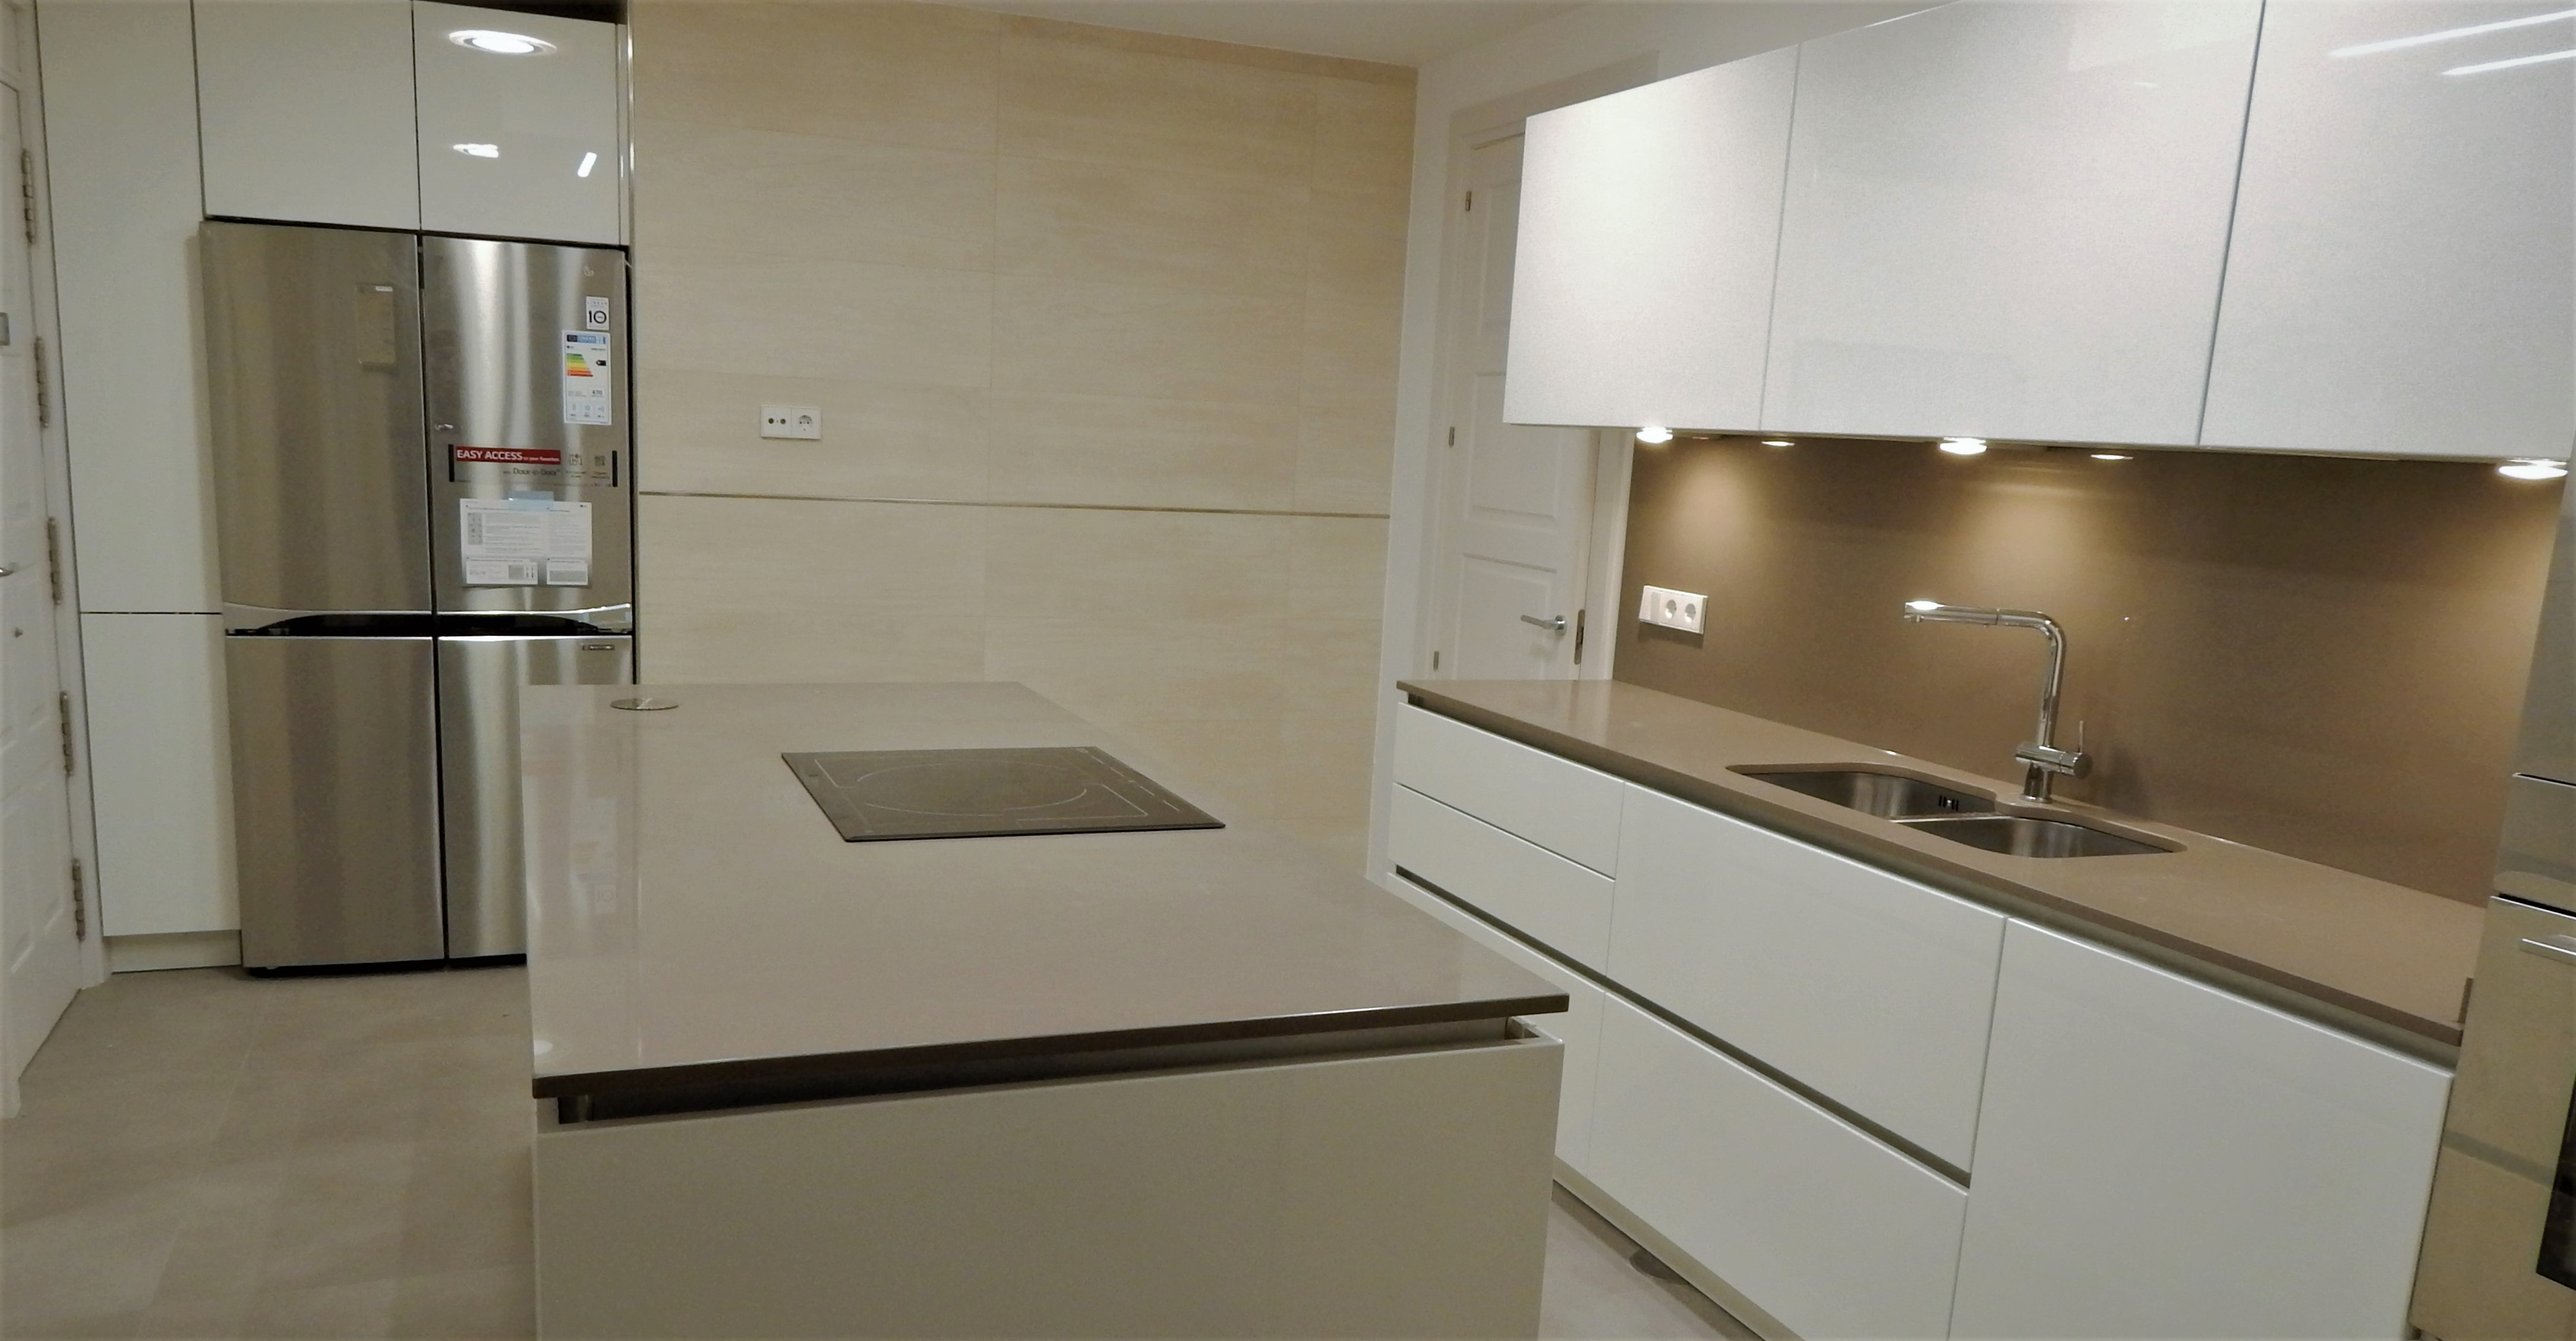 Muebles de cocina en laca mate de tacto sedoso modelo avus - Cocinas blanco brillo ...